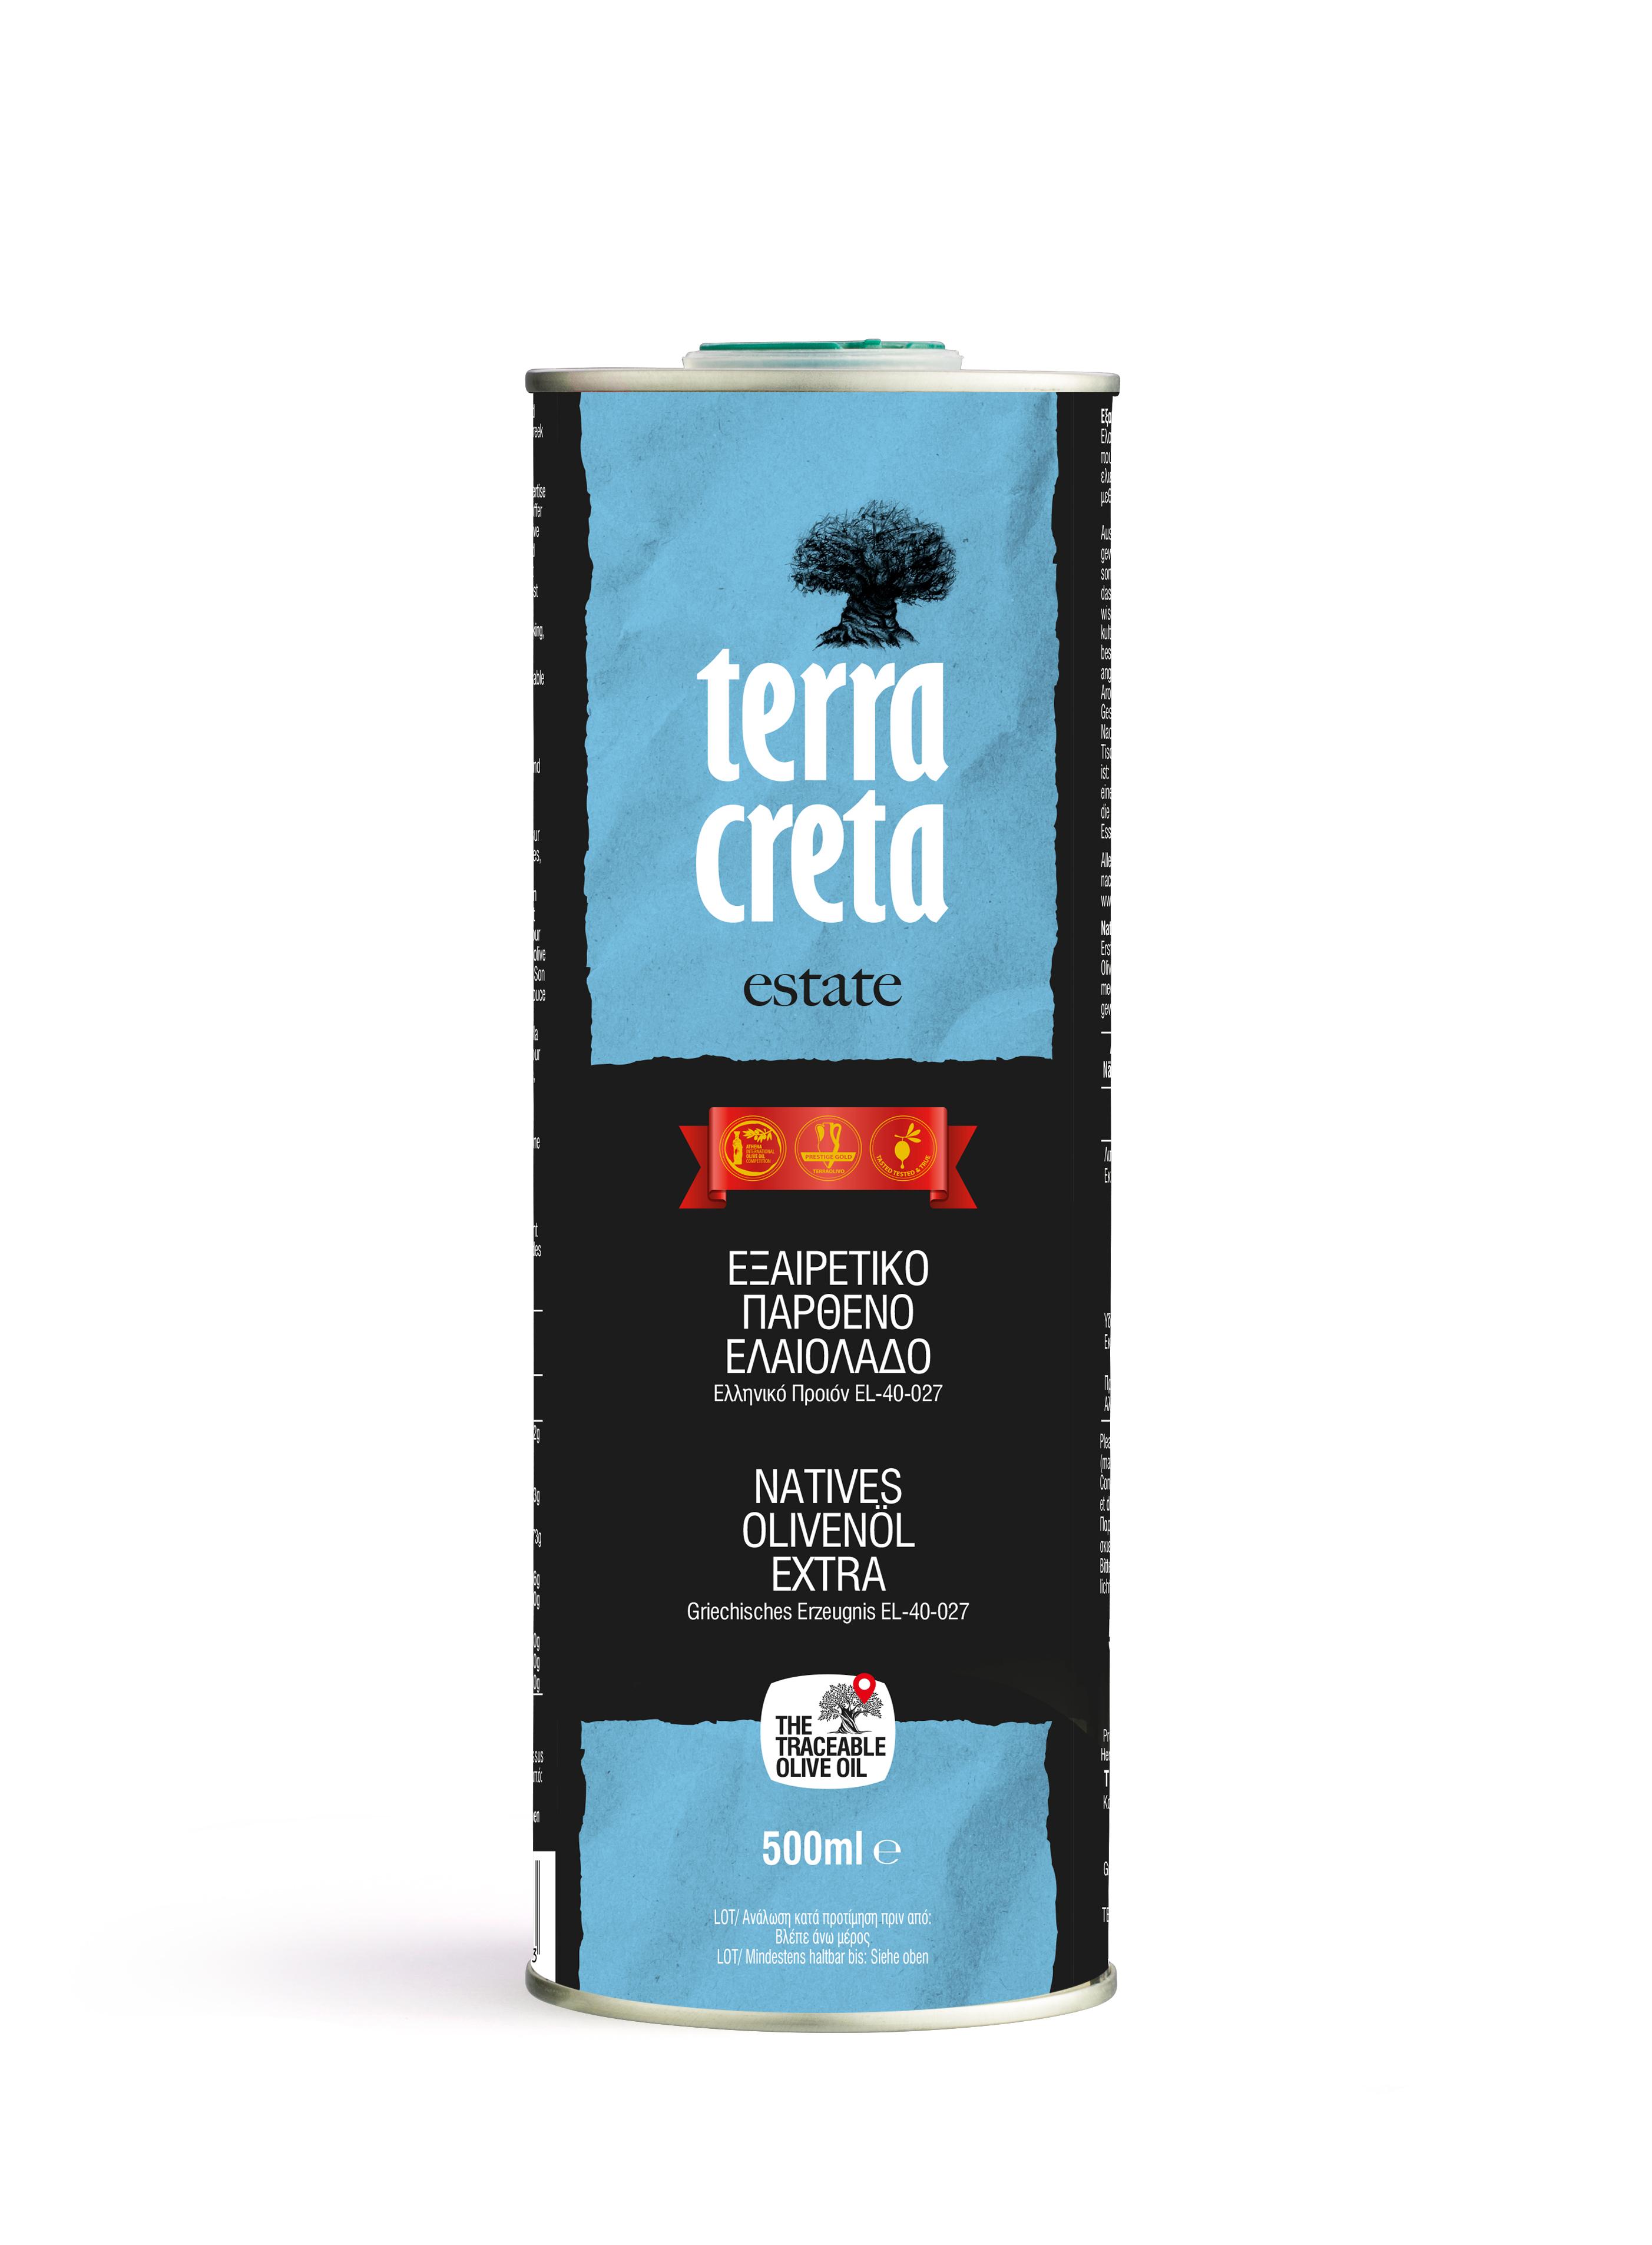 Terra Creta olivenolie fra Kreta Mad